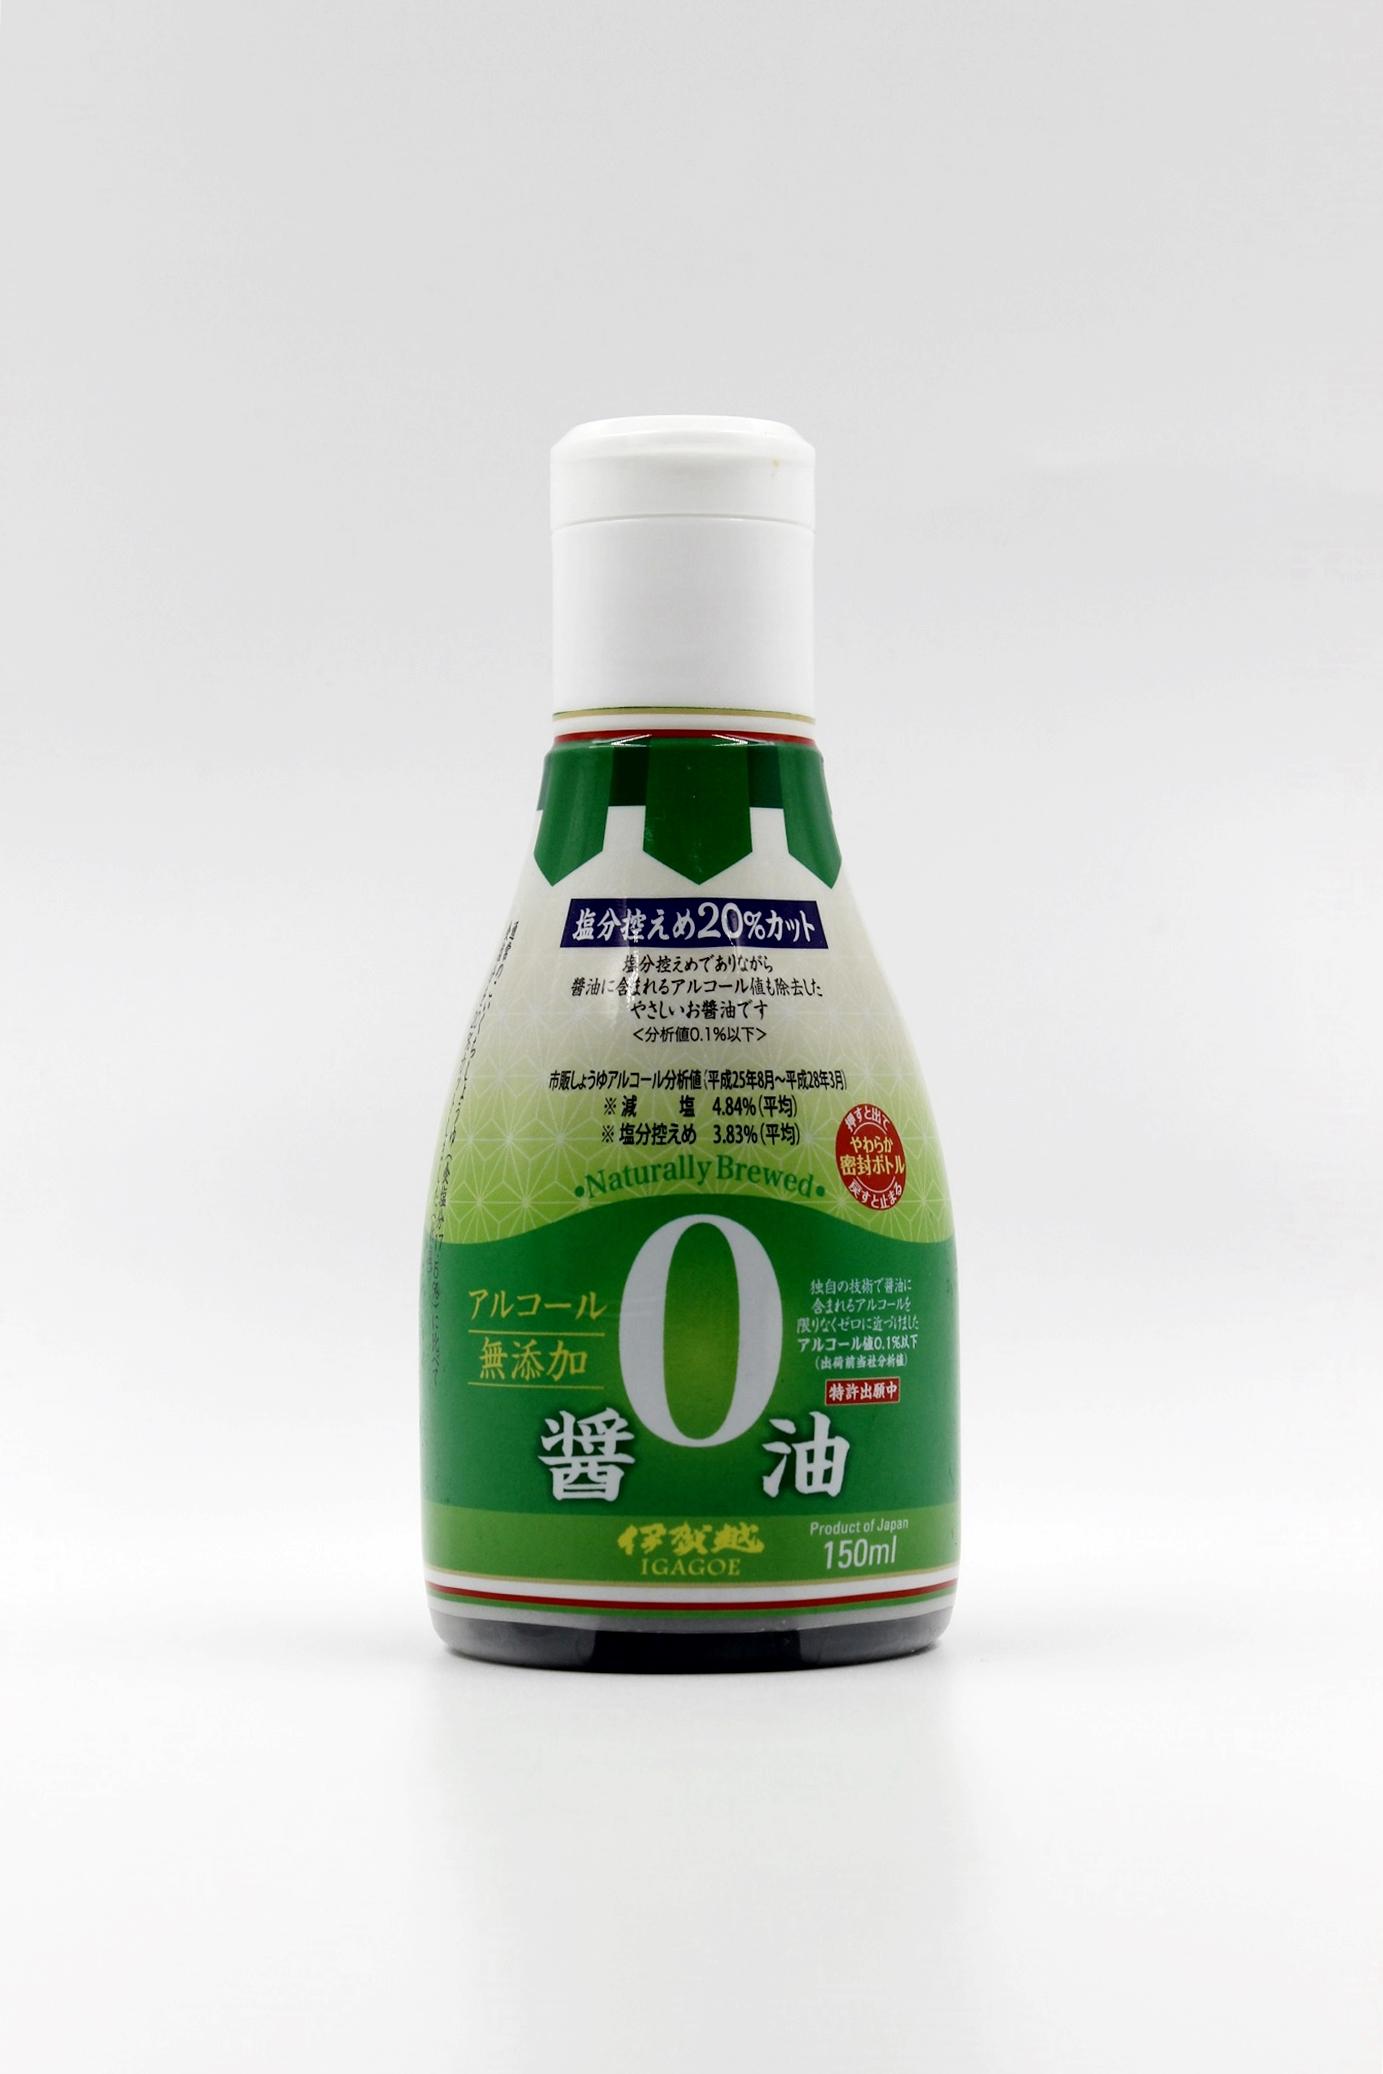 Nước tương tự nhiên cho bé Igagoe Nhật Bản 150ml